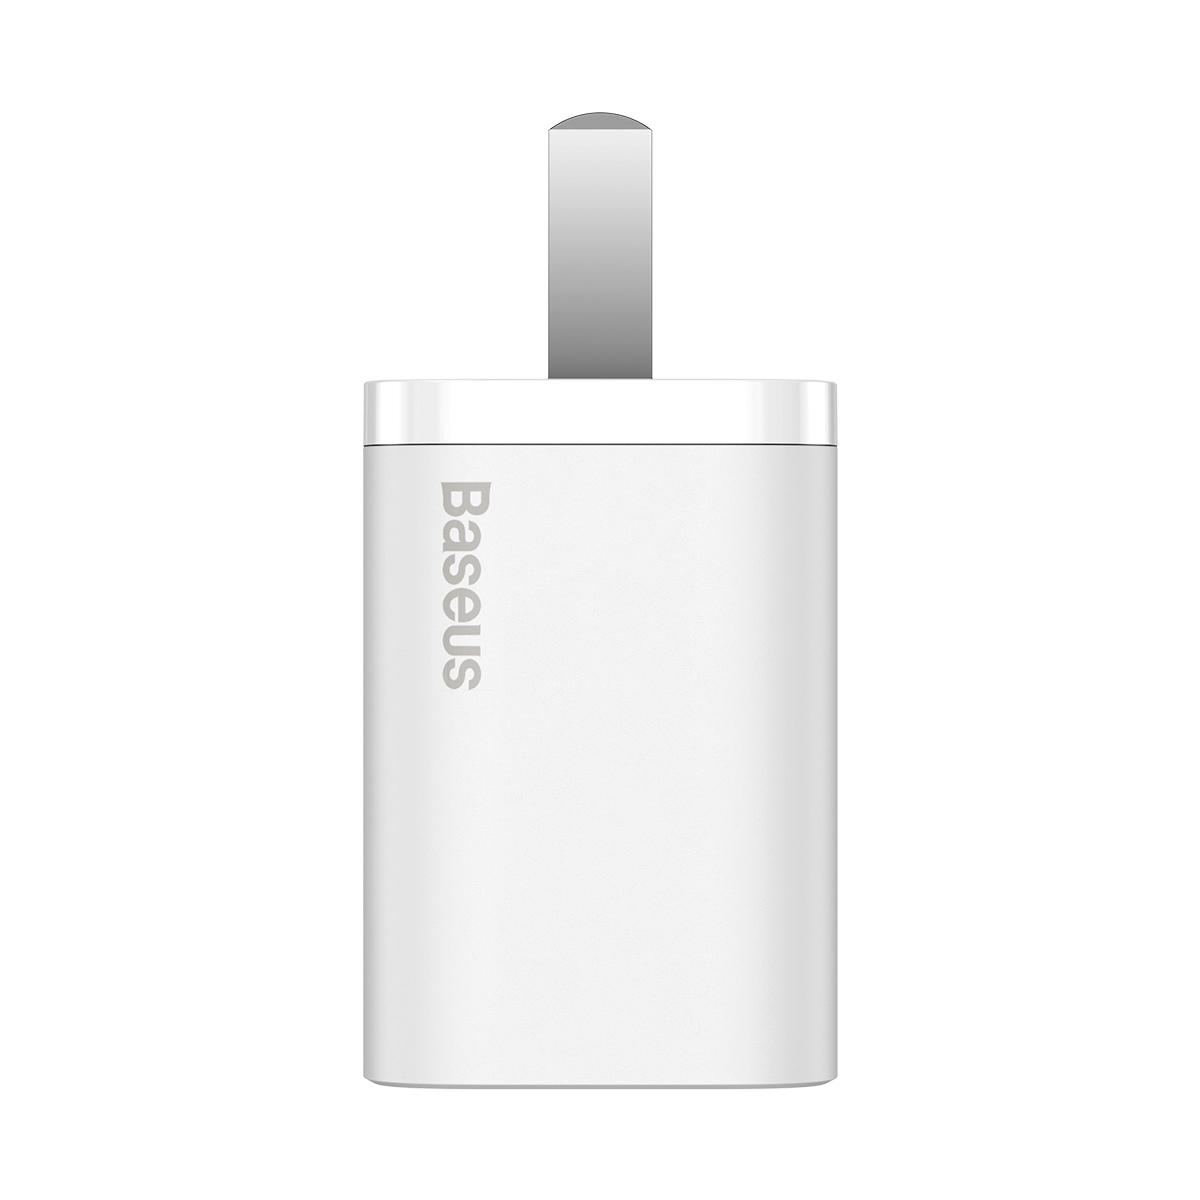 Sạc nhanh 20W cho iPhone và điện thoại Android - Baseus Super Si Quick Charger - Hàng chính hãng